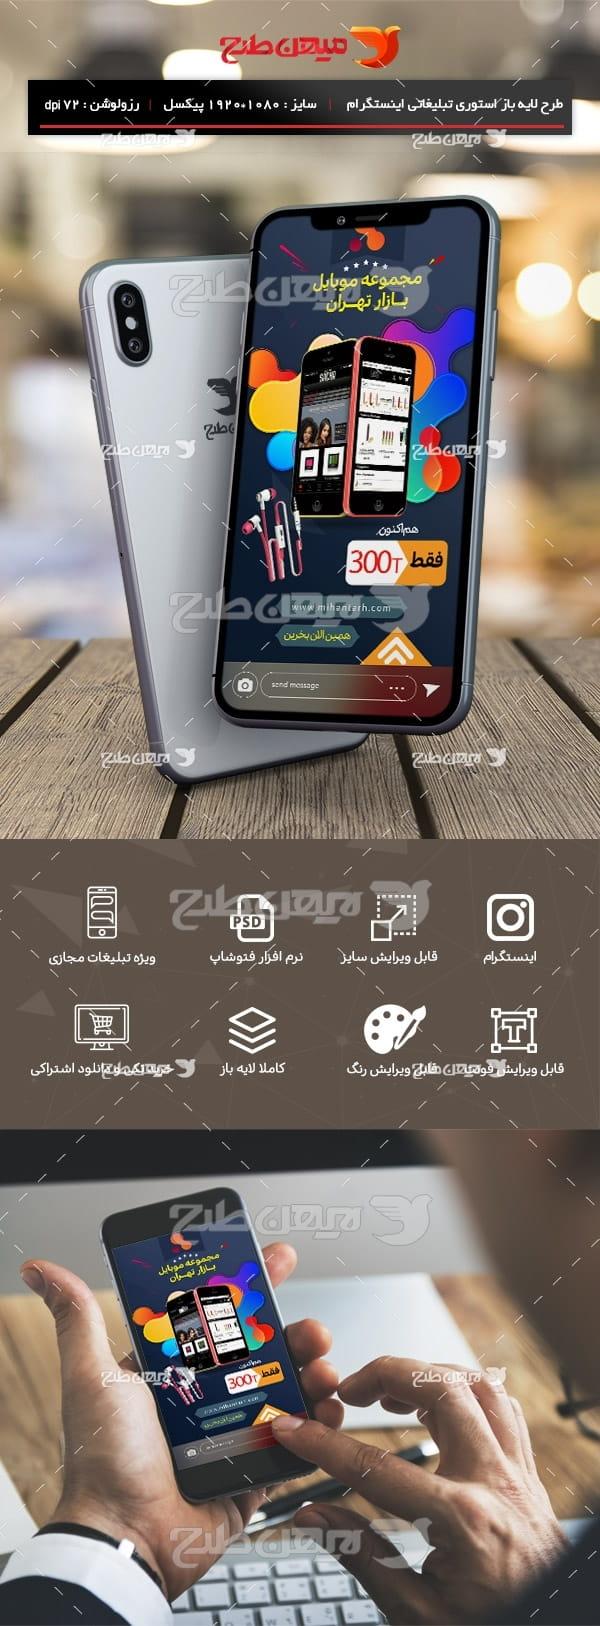 طرح لایه باز استوری اینستگرام ویژه موبایل